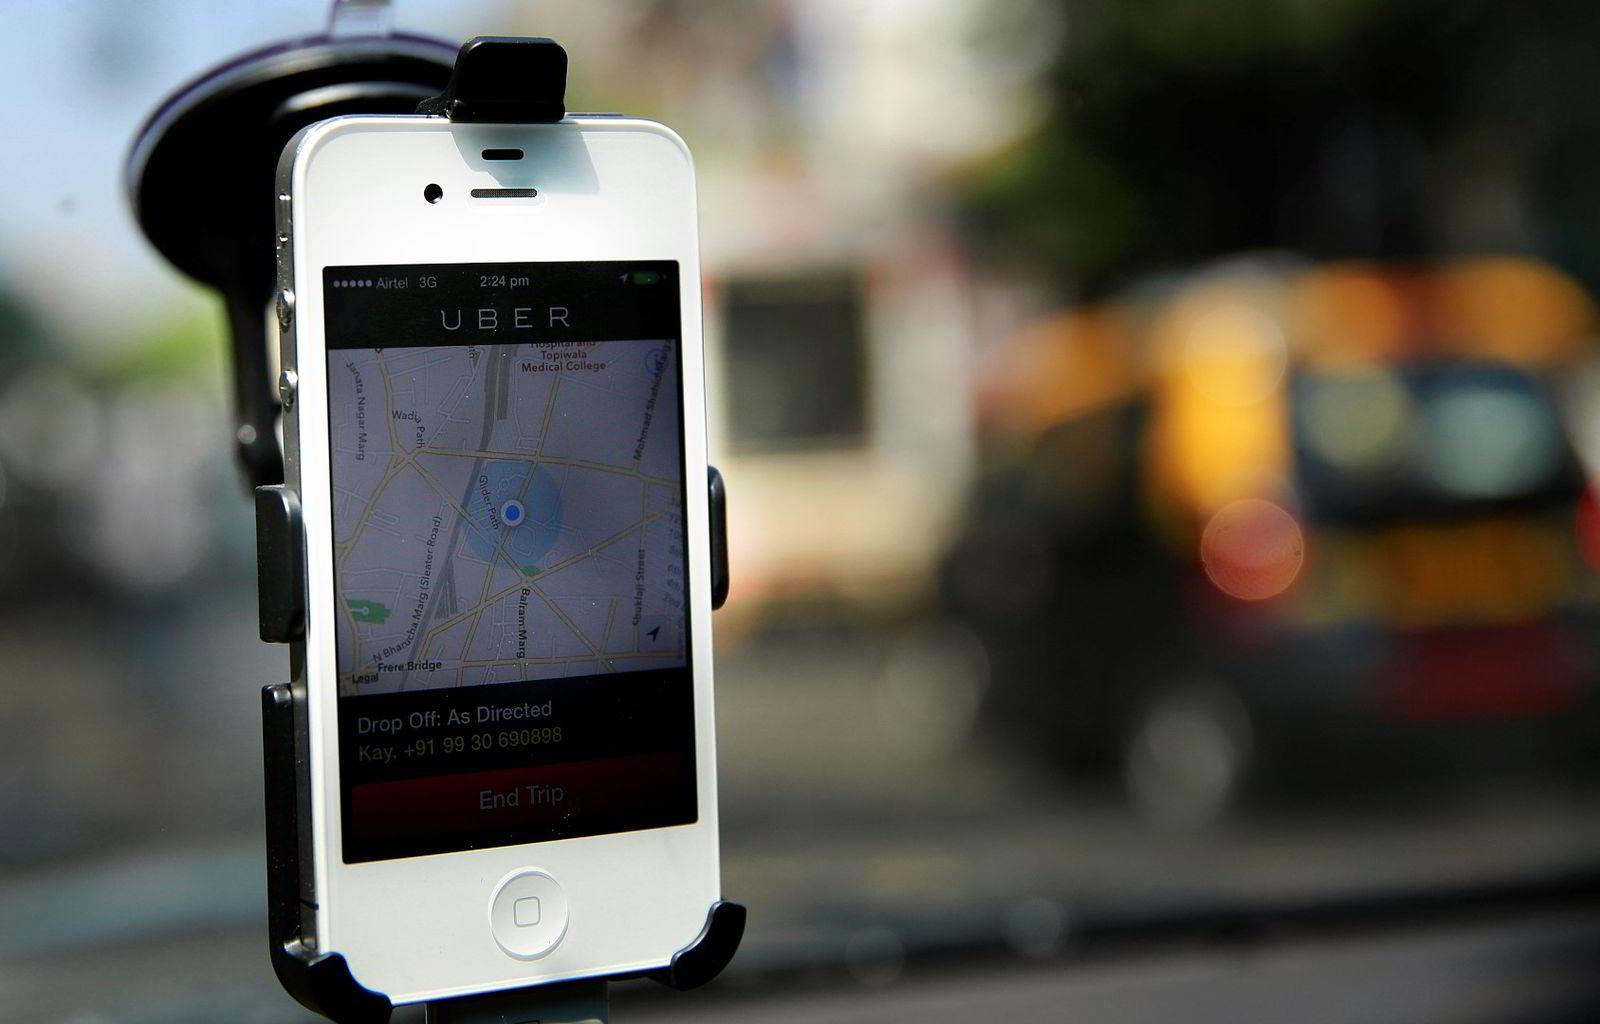 Skyssdelings-appen til Uber gjør det enkelt for passasjerer i en rekke amerikanske byer å få kontakt med sjåfører med ledige biler rett fra mobiltelefonen. (Foto Rafiq Maqbool/AP/NTB Scanpix)